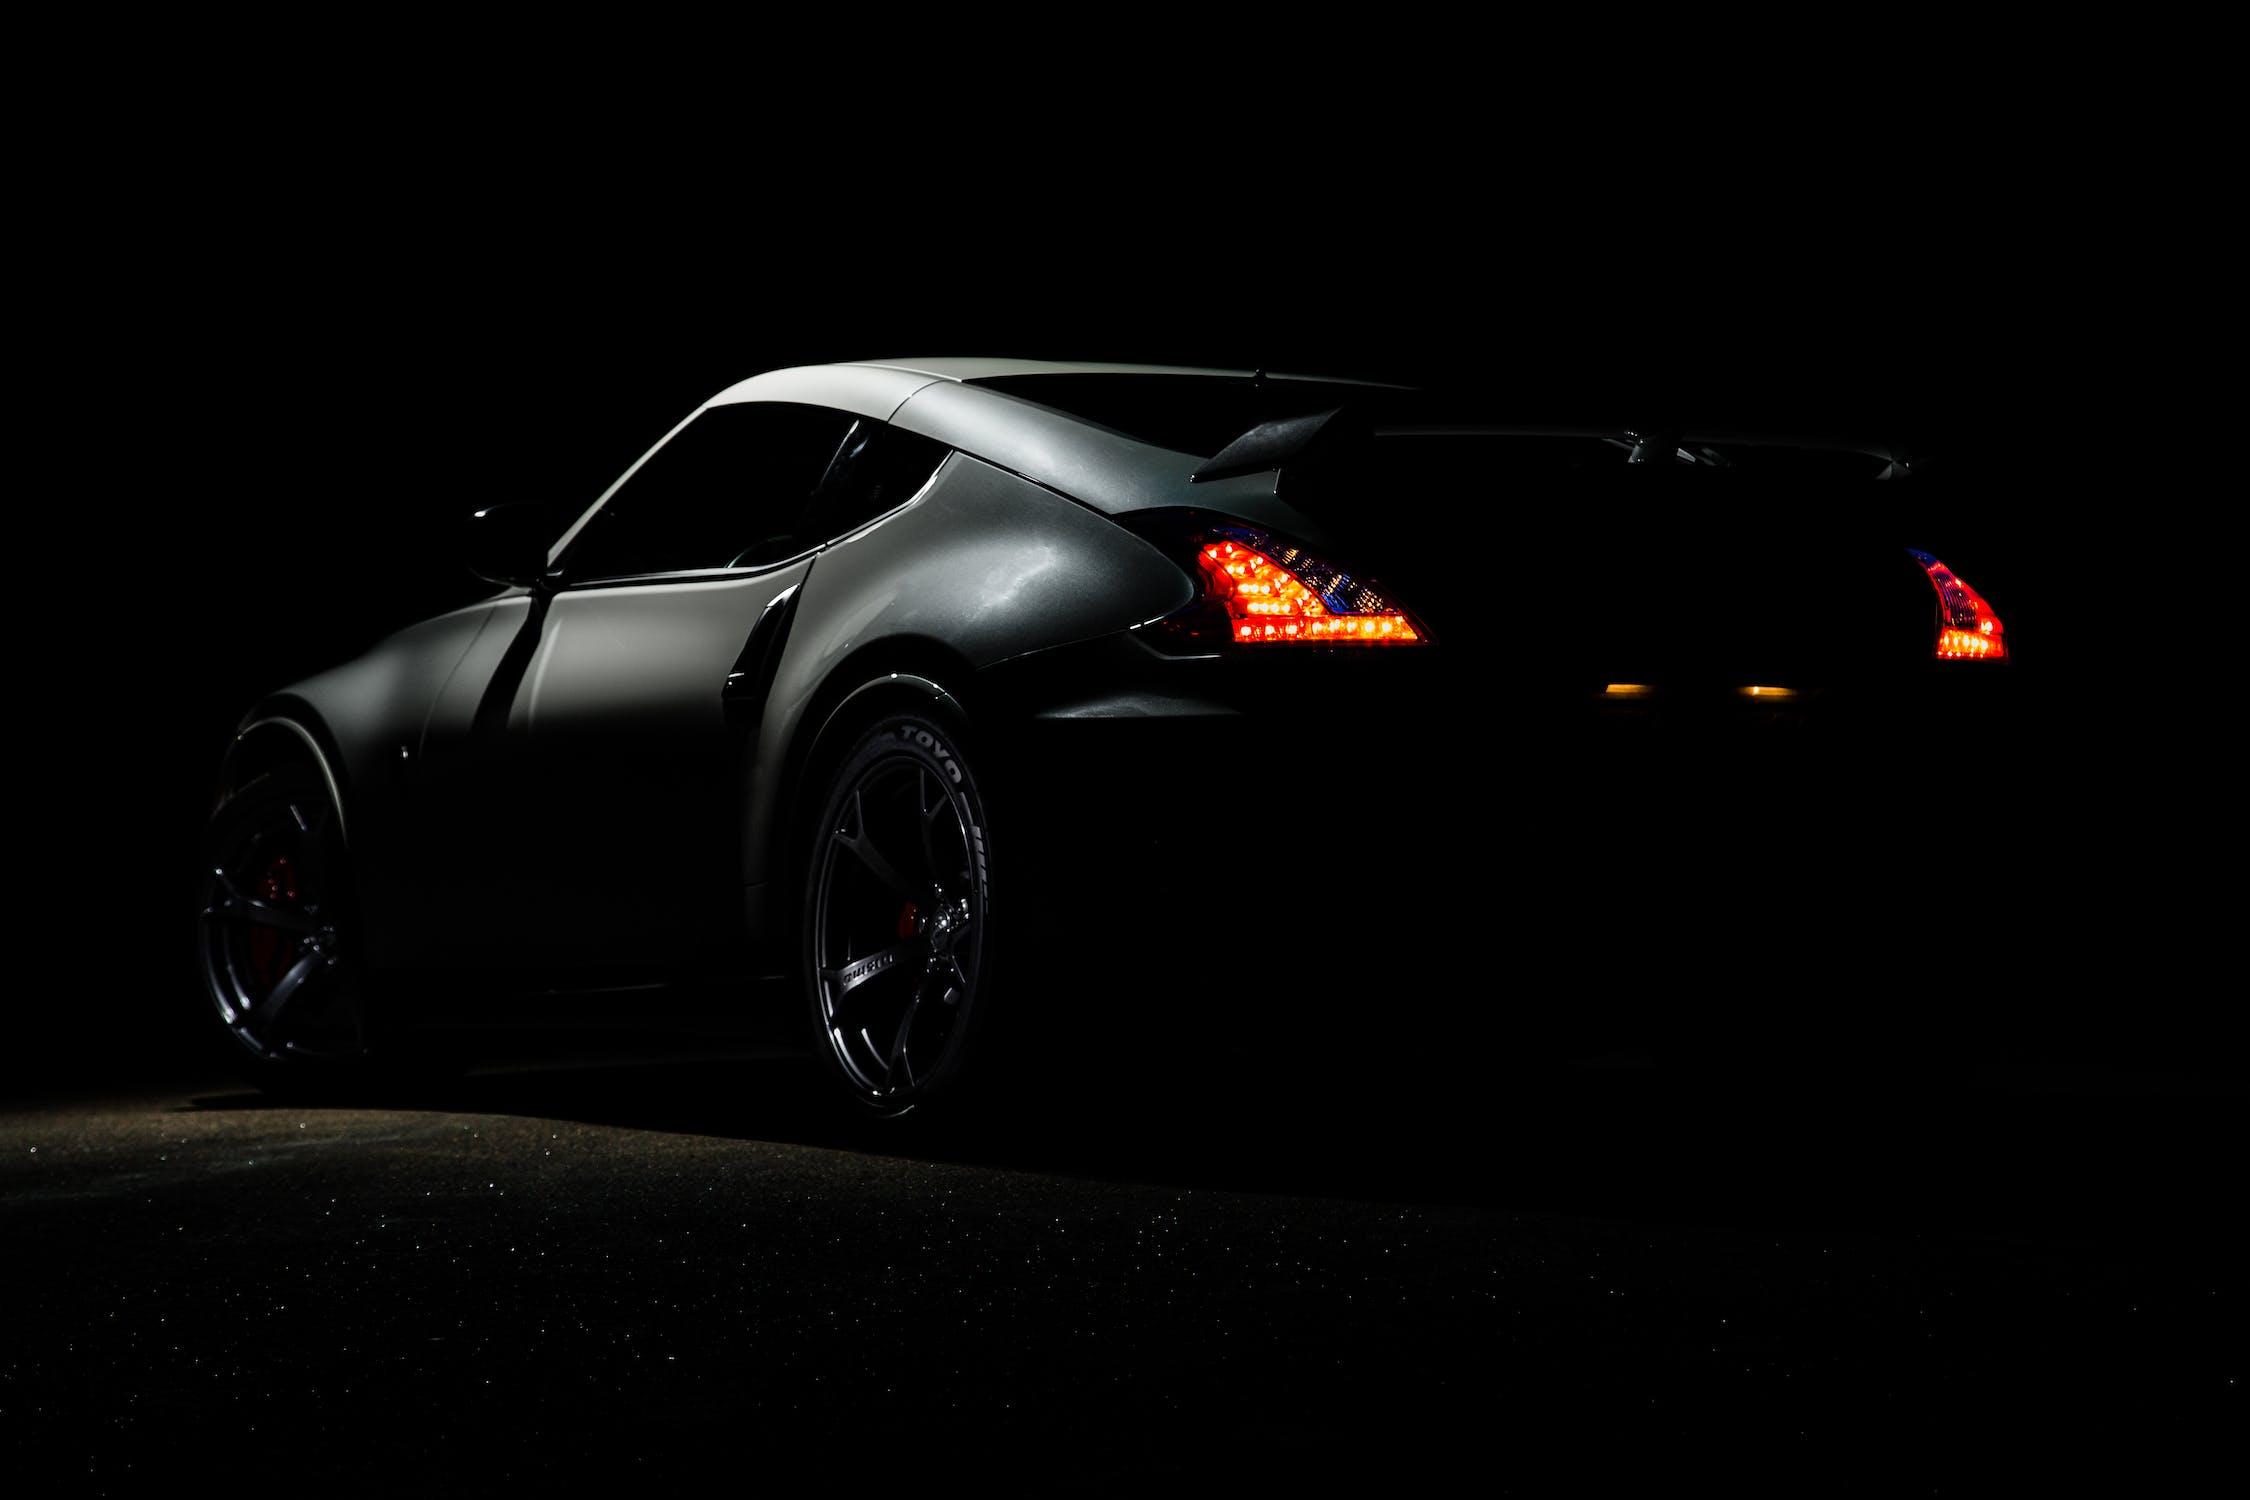 370Z Tires